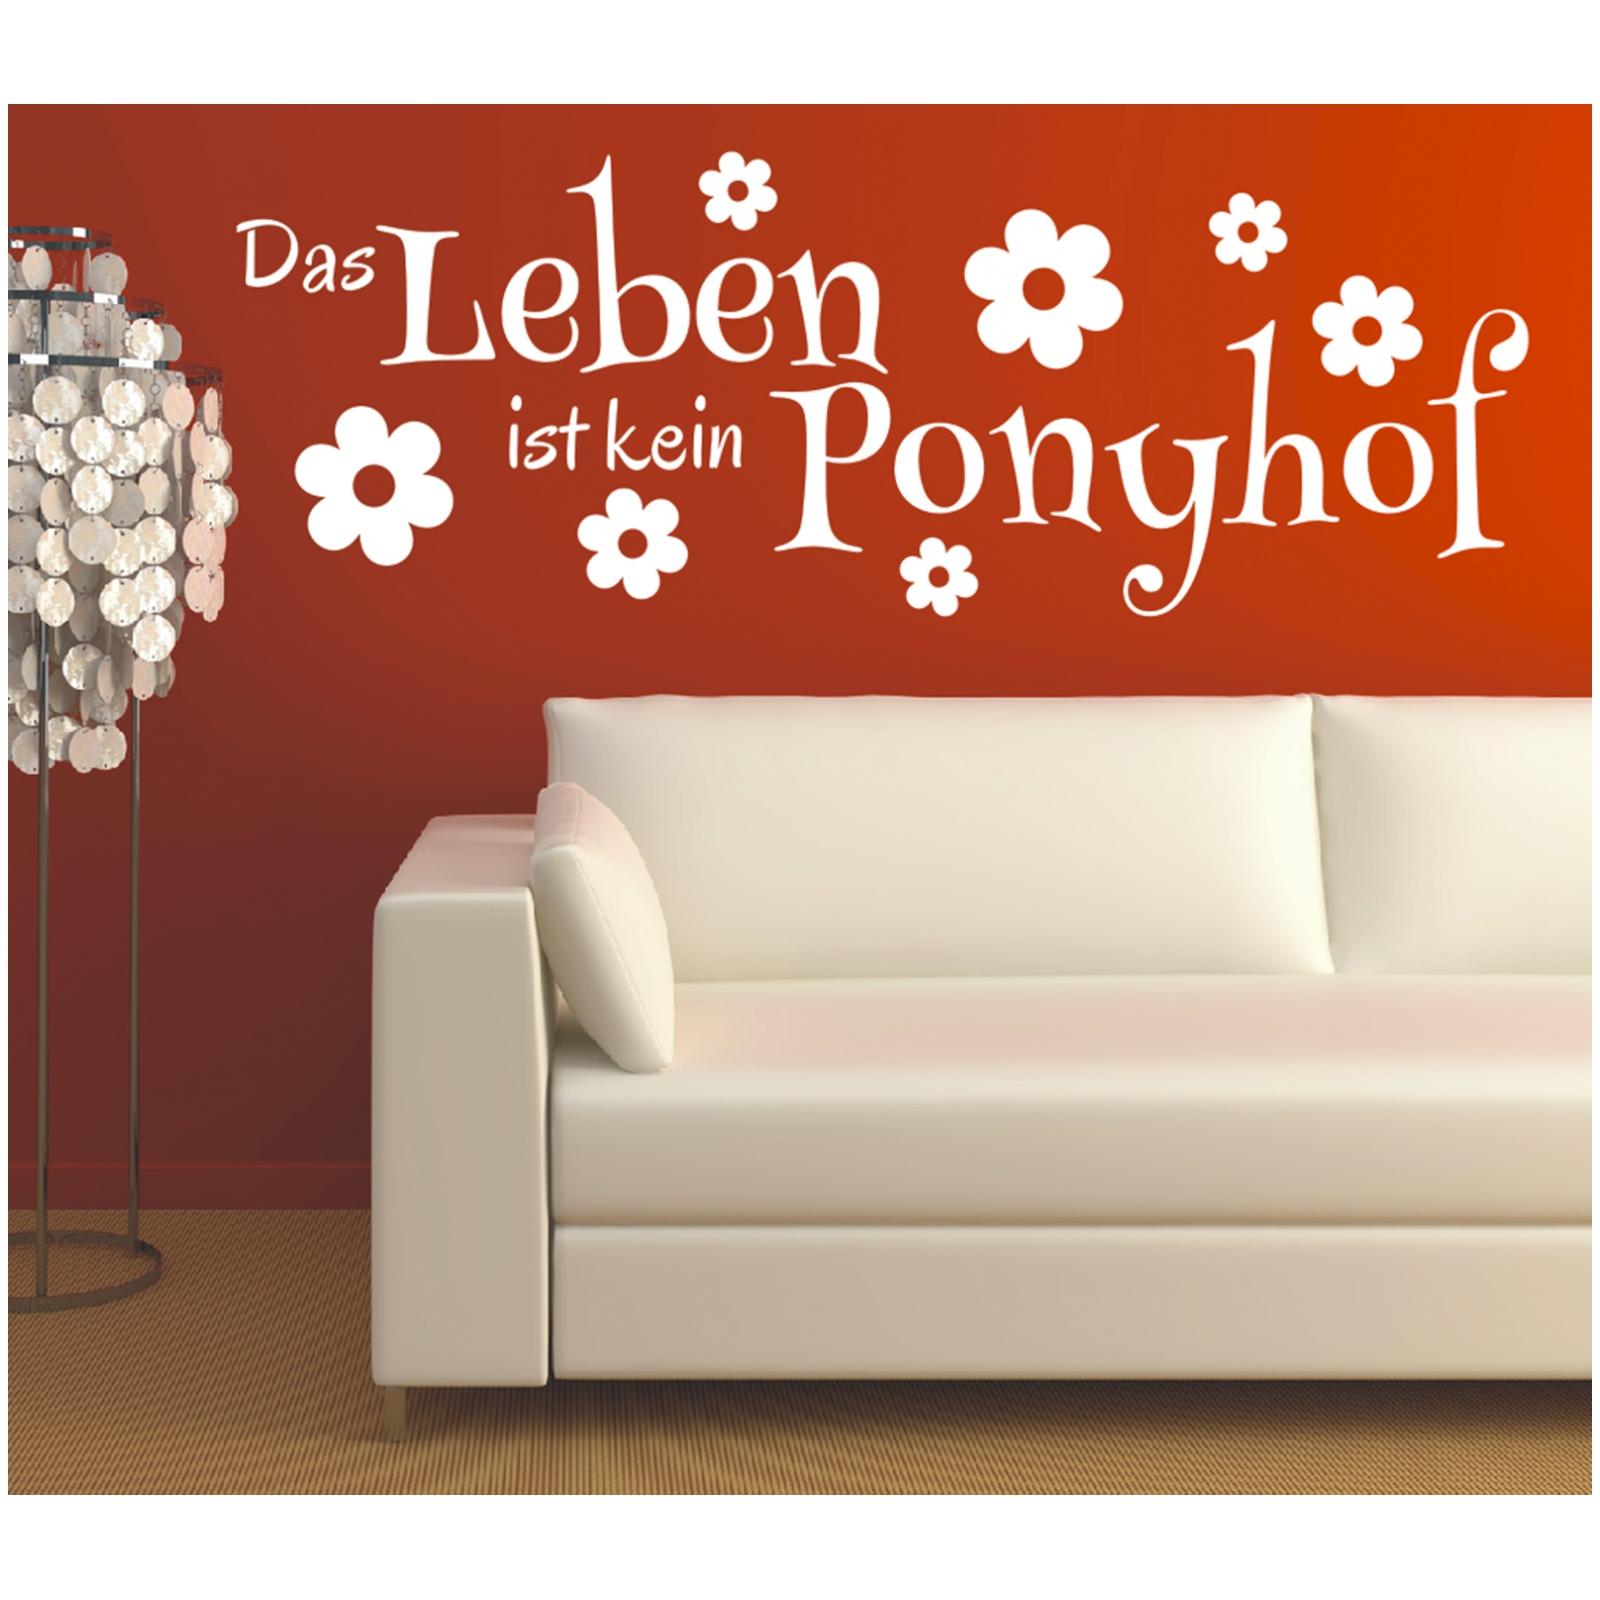 Spruch Wandtattoo Das Leben Ist Kein Ponyhof Sticker Wandsticker Wandaufkleber 3 Ebay